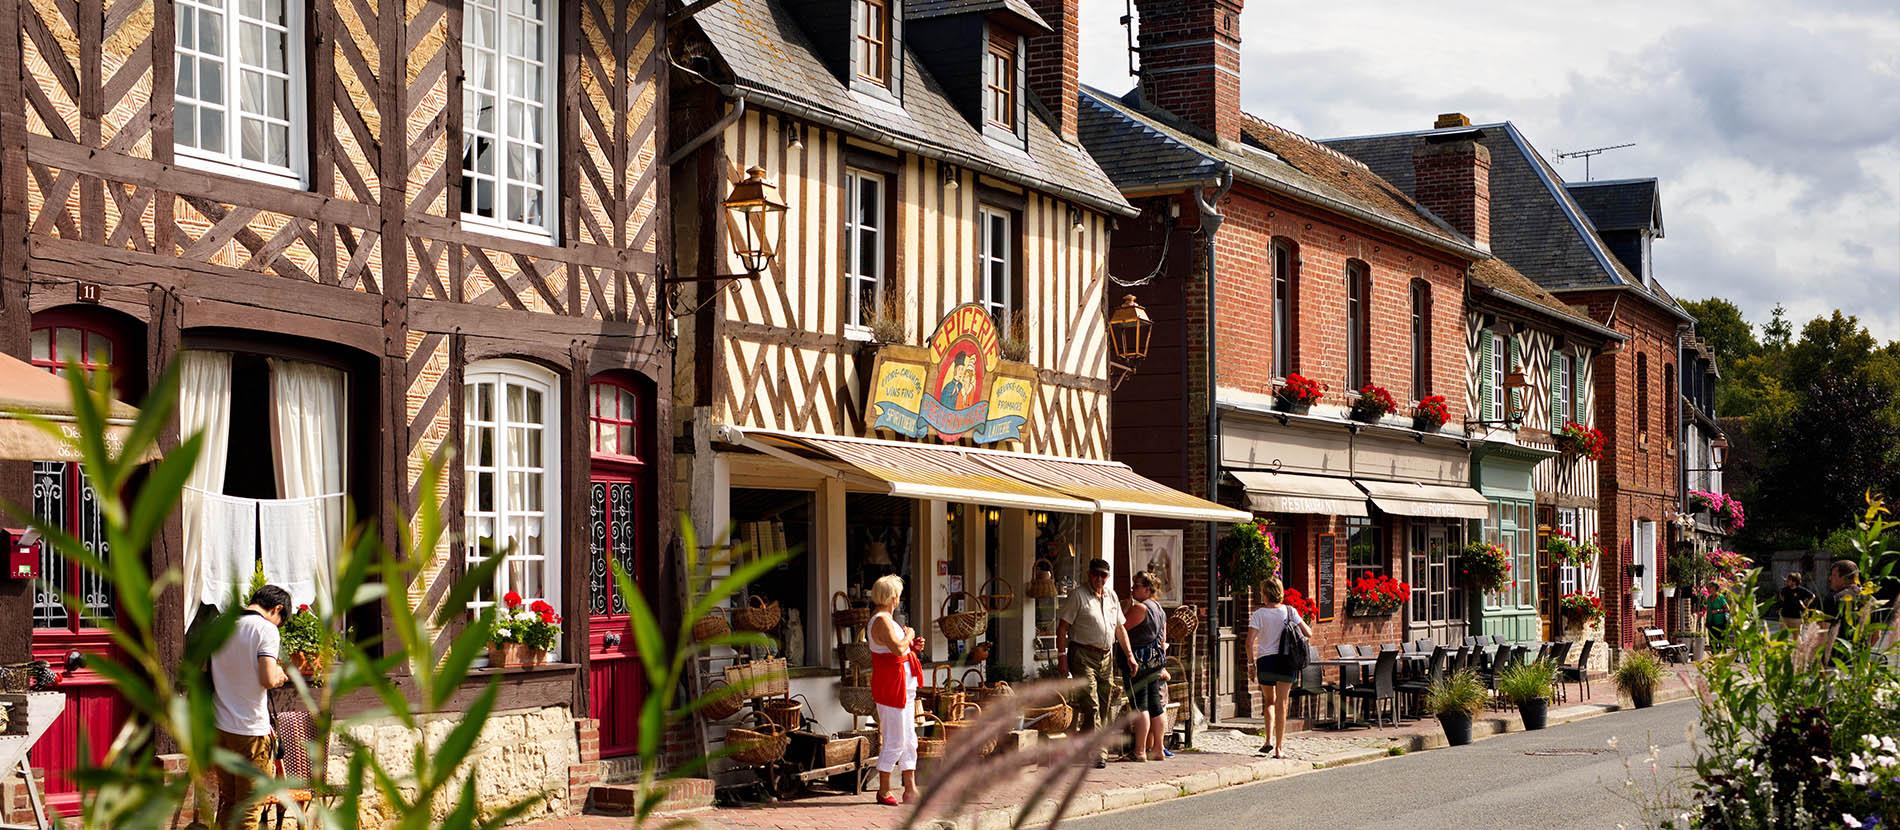 Rue principale de Beuvron-en-auge dans le Calvados avec ses commerces